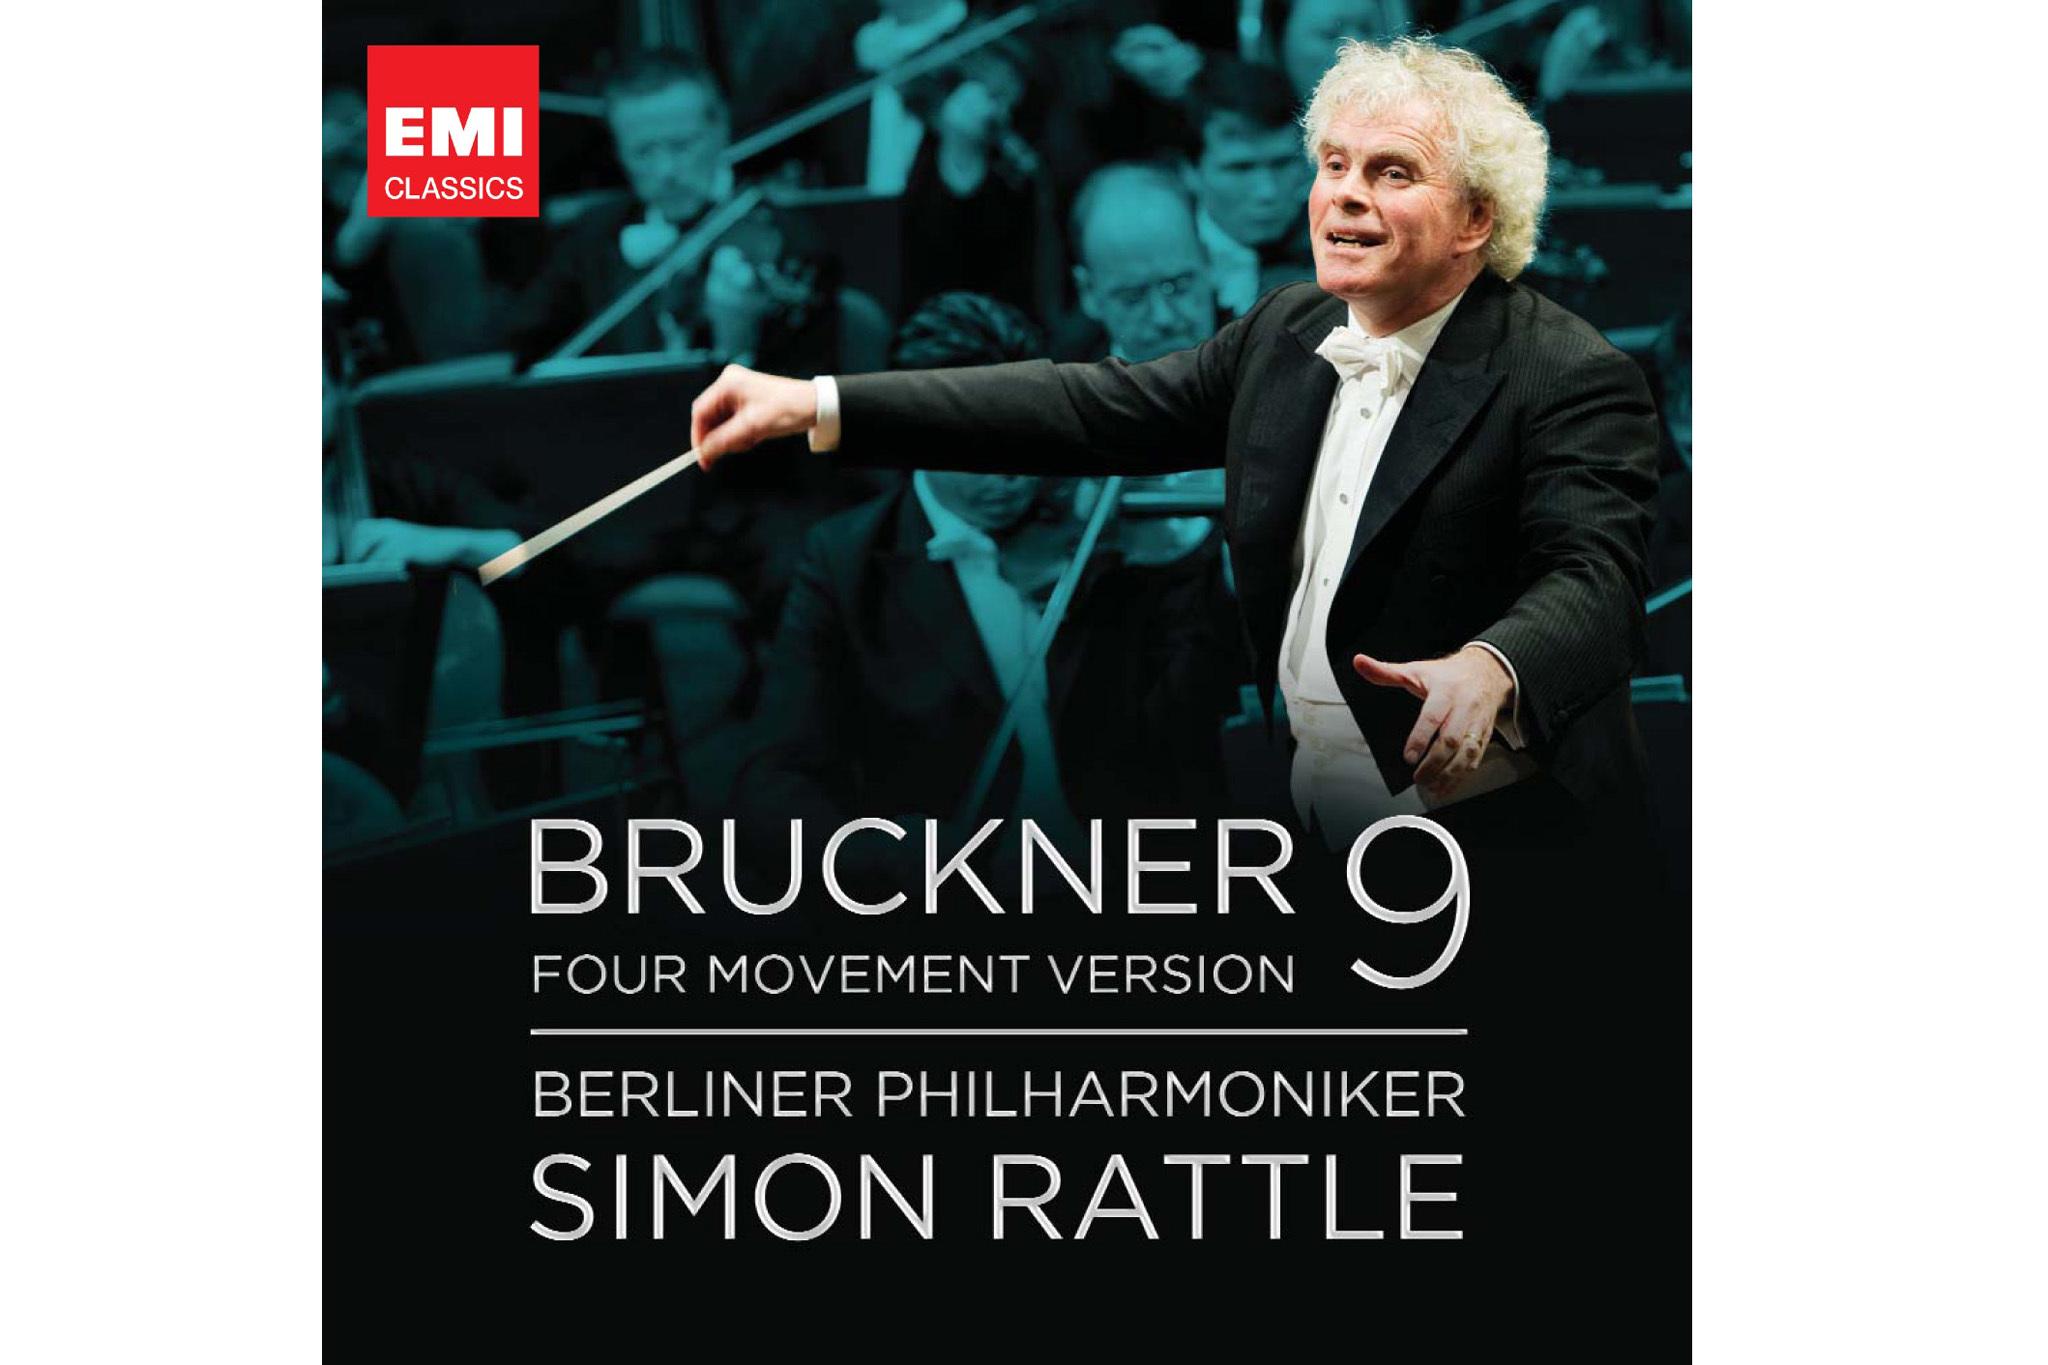 Anton Bruckner, Symphony No. 9 (EMI Classics)